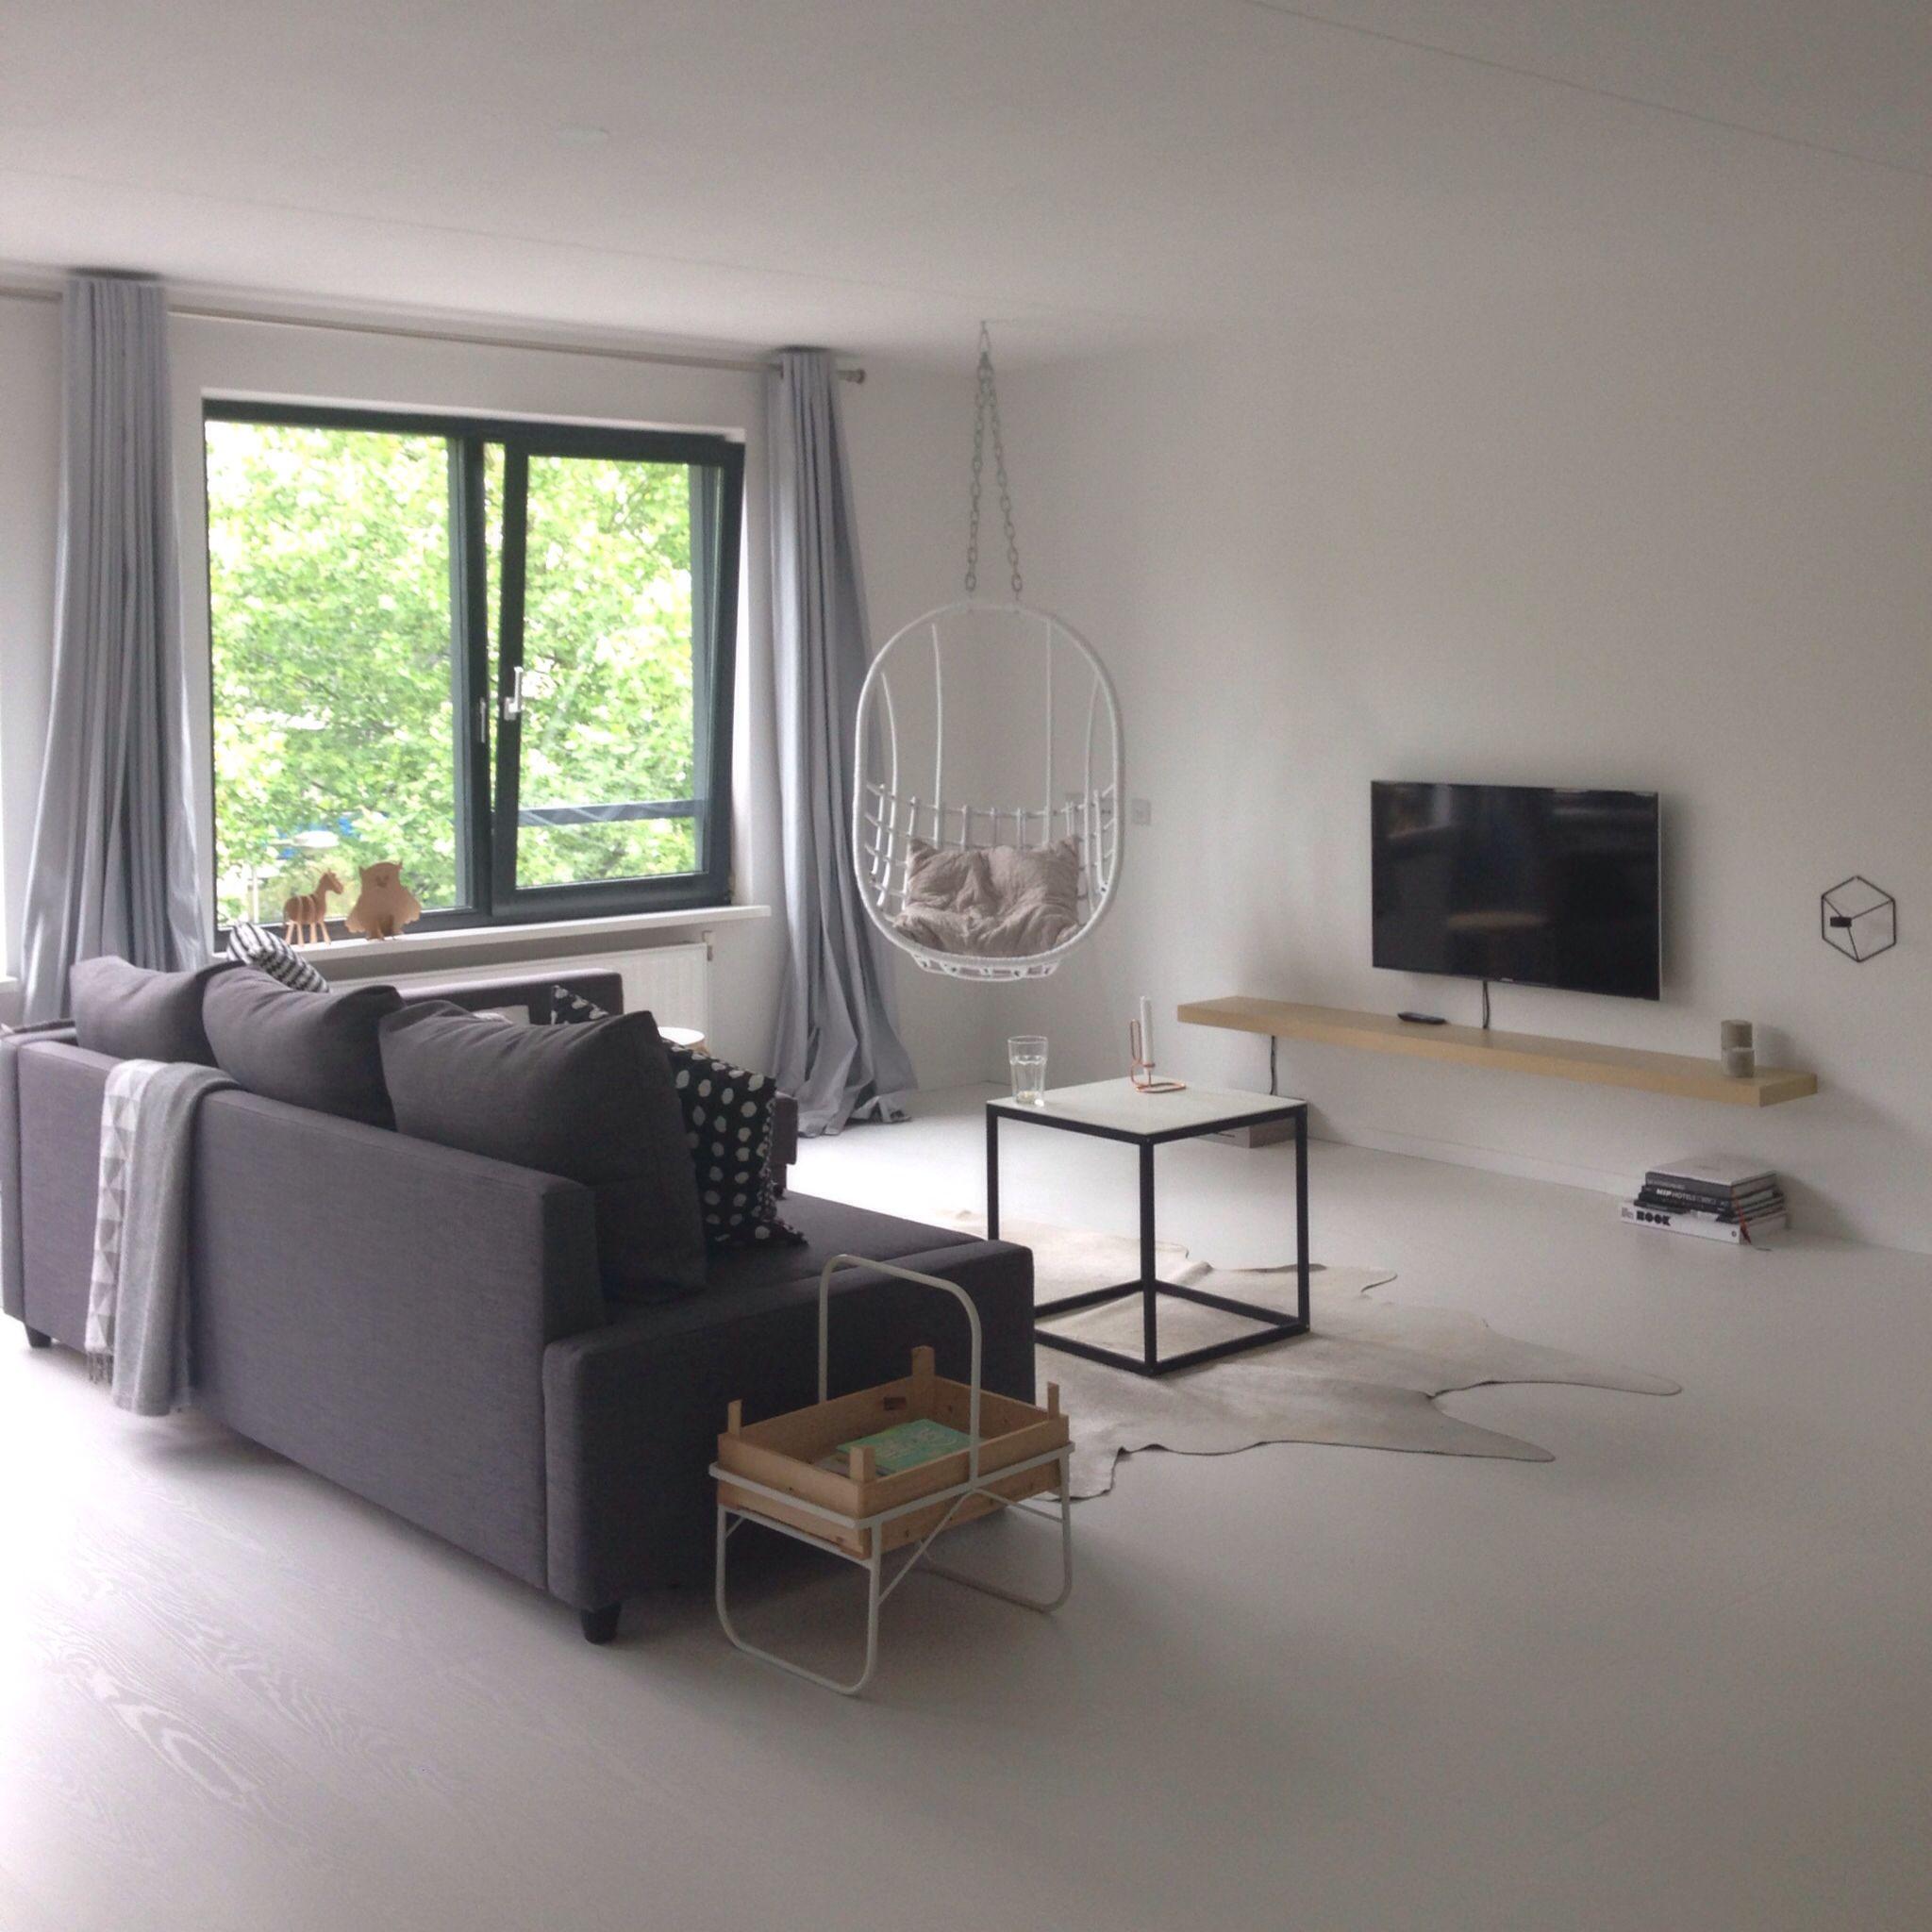 pin von scarflove auf home sweet home pinterest wohnraum. Black Bedroom Furniture Sets. Home Design Ideas